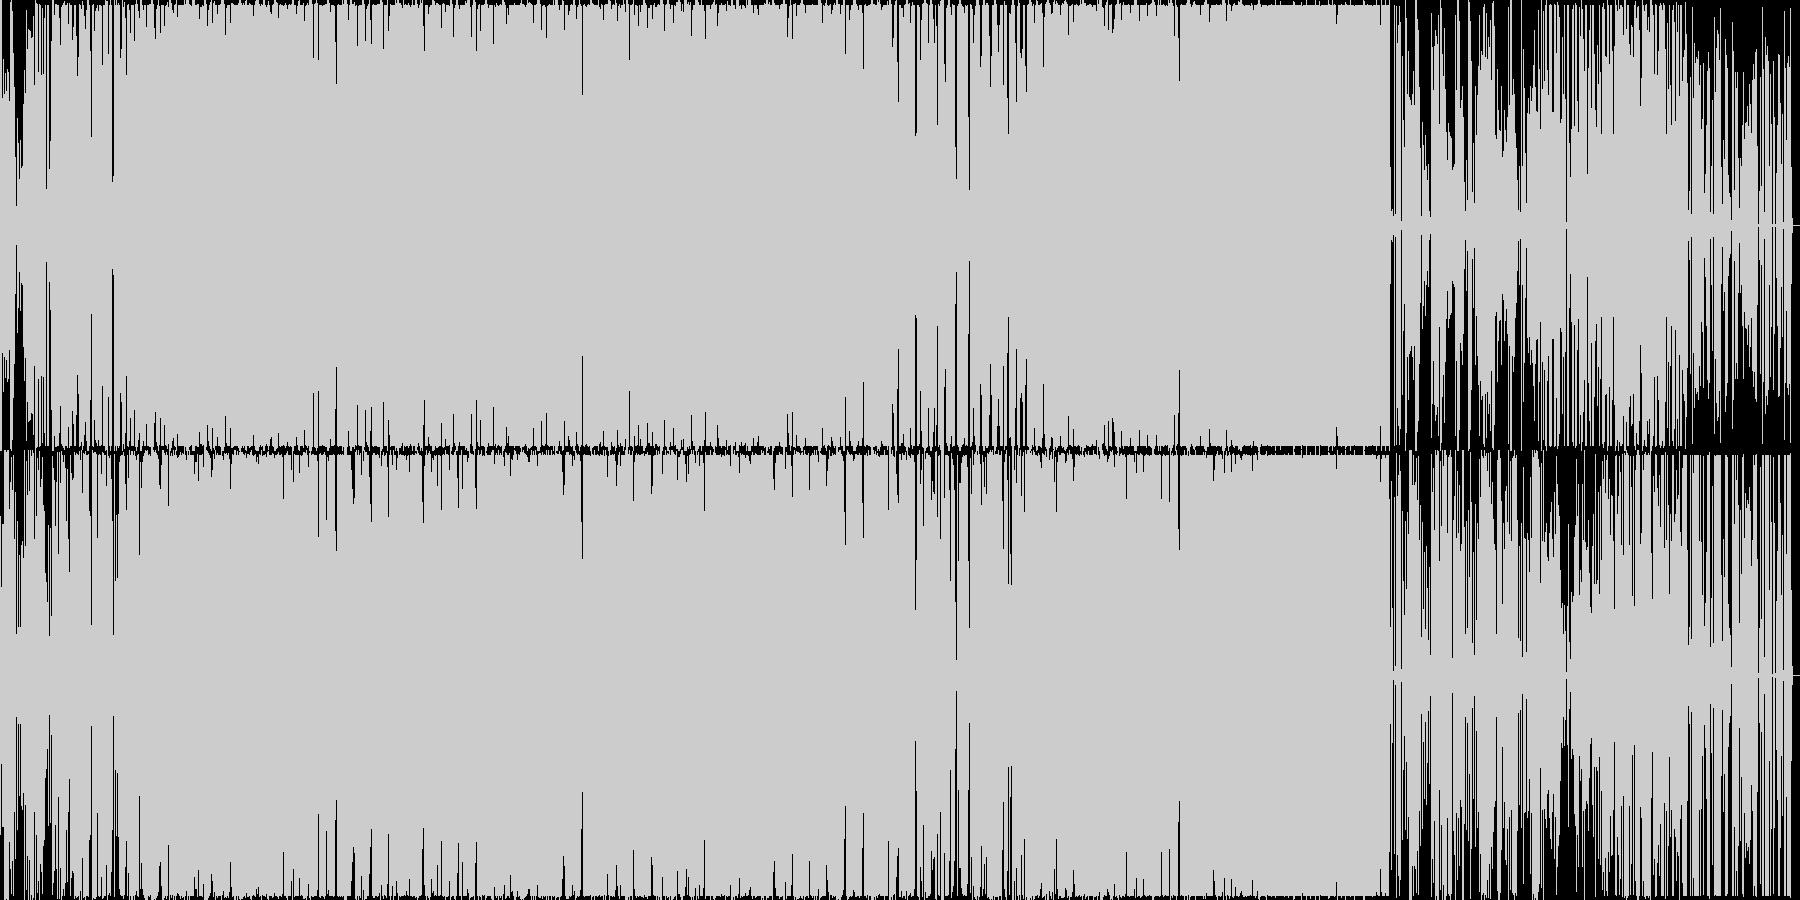 細かい音がピコピコするエレクトロニカの未再生の波形